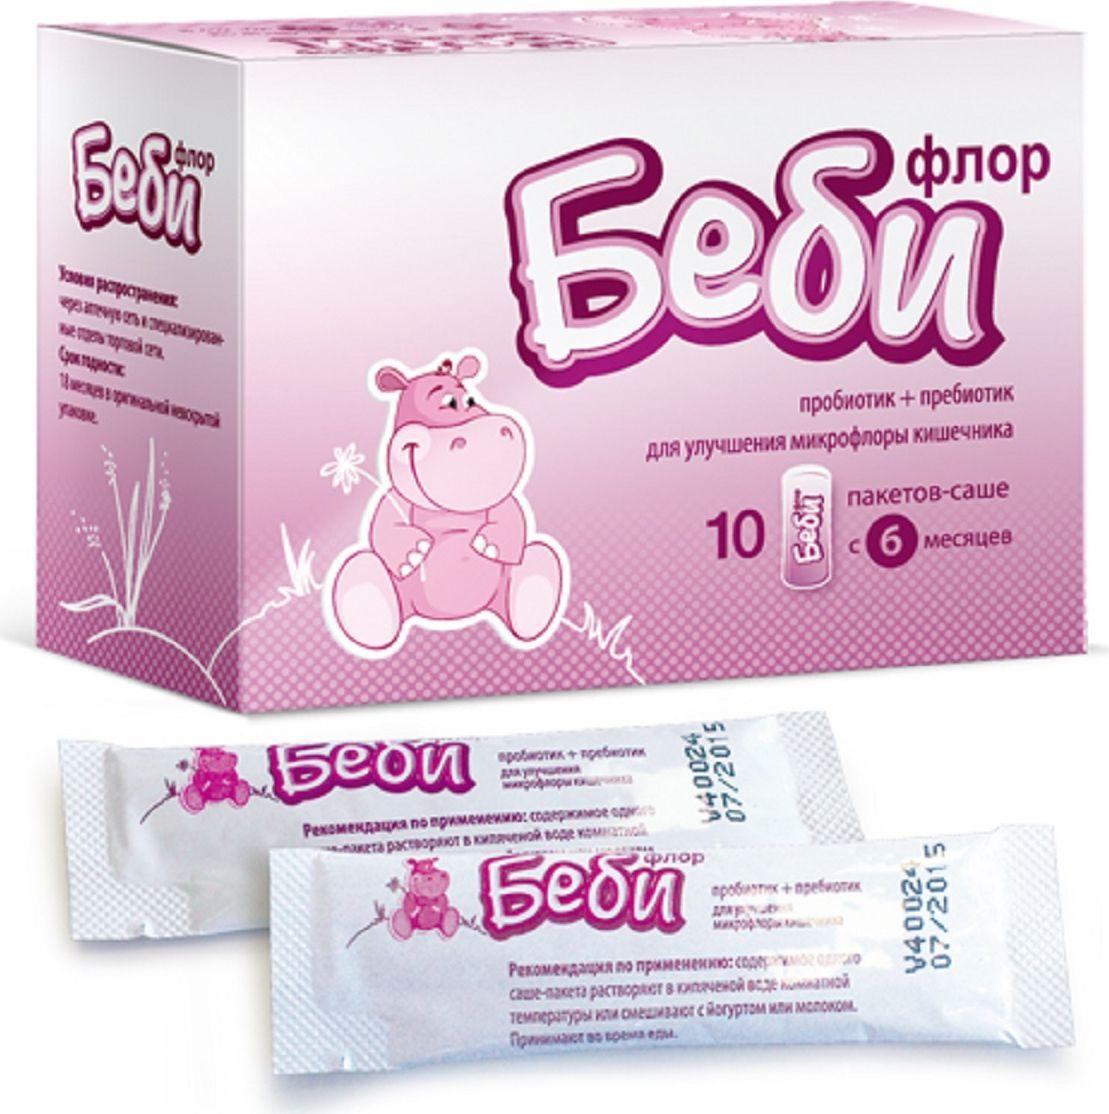 БебиФлор порошок 3,0г саше-пакетик №10219369Сфера применения: ГастроэнтерологияПробиотическое и пребиотическое